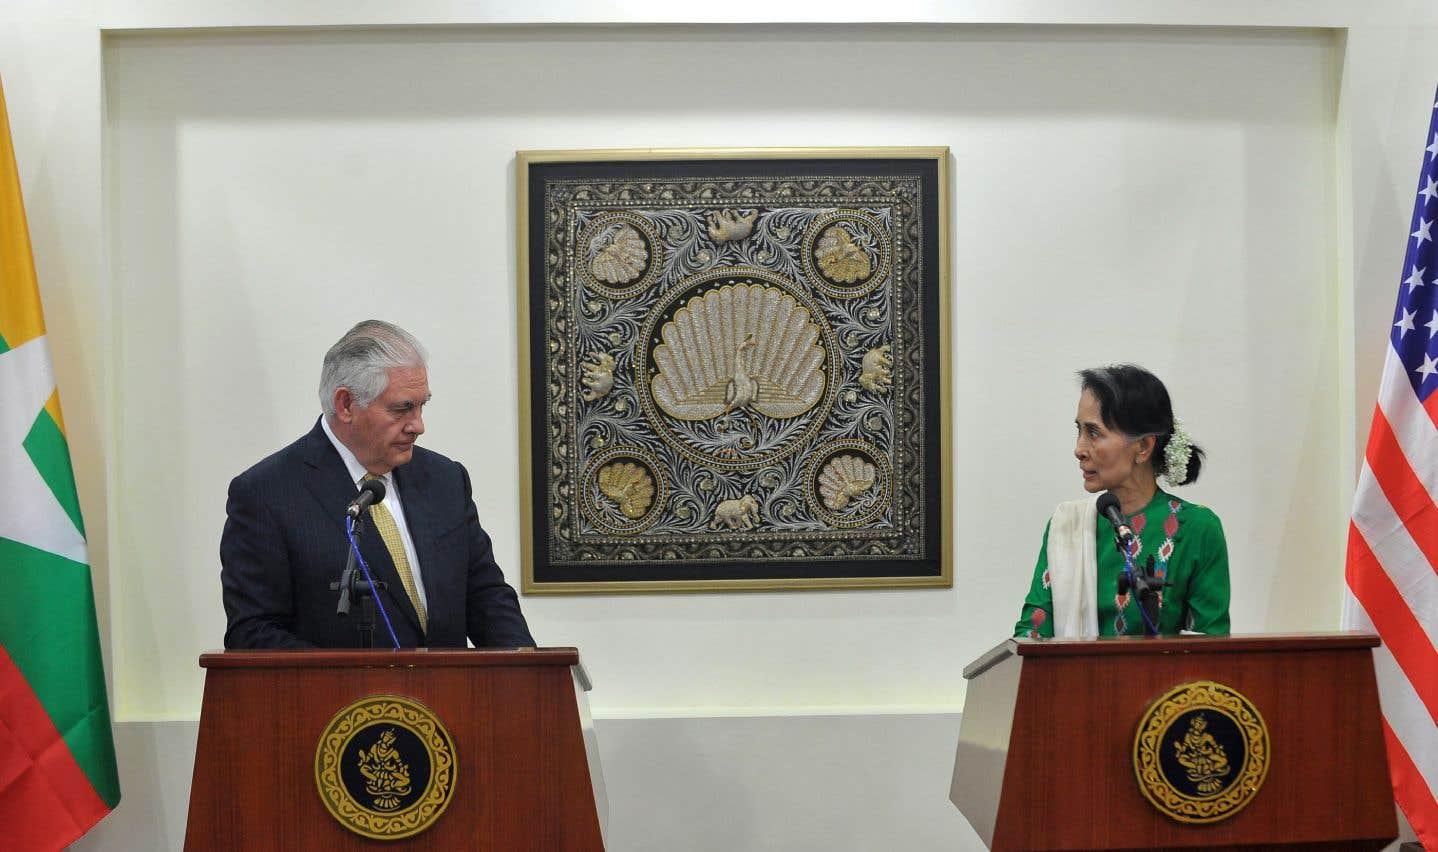 Le secrétaire d'État américain, Rex Tillerson, aux côtés de la dirigeante Aung San Suu Kyi